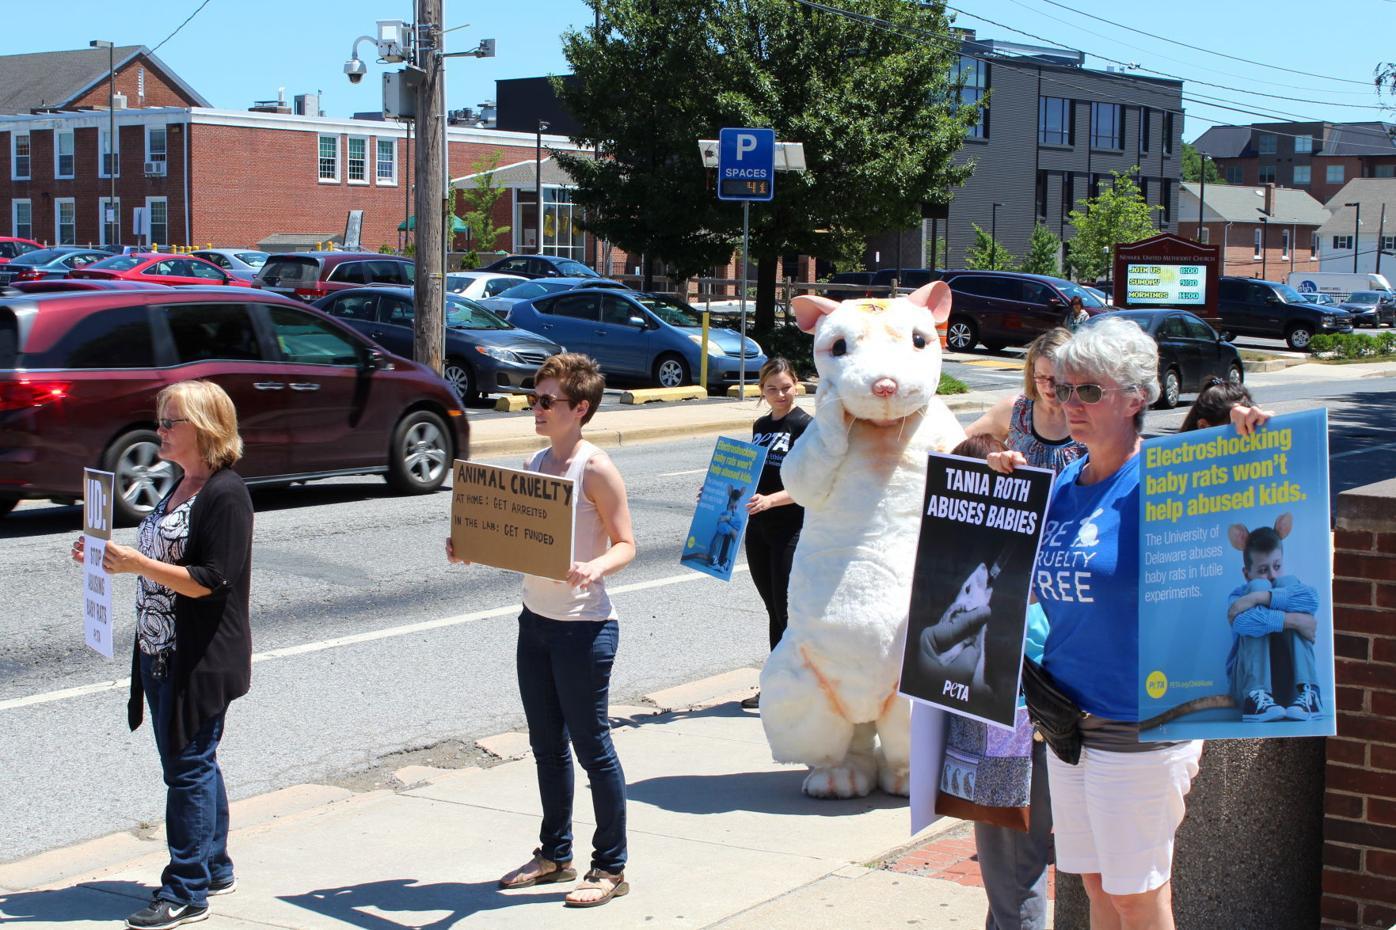 Rat protest